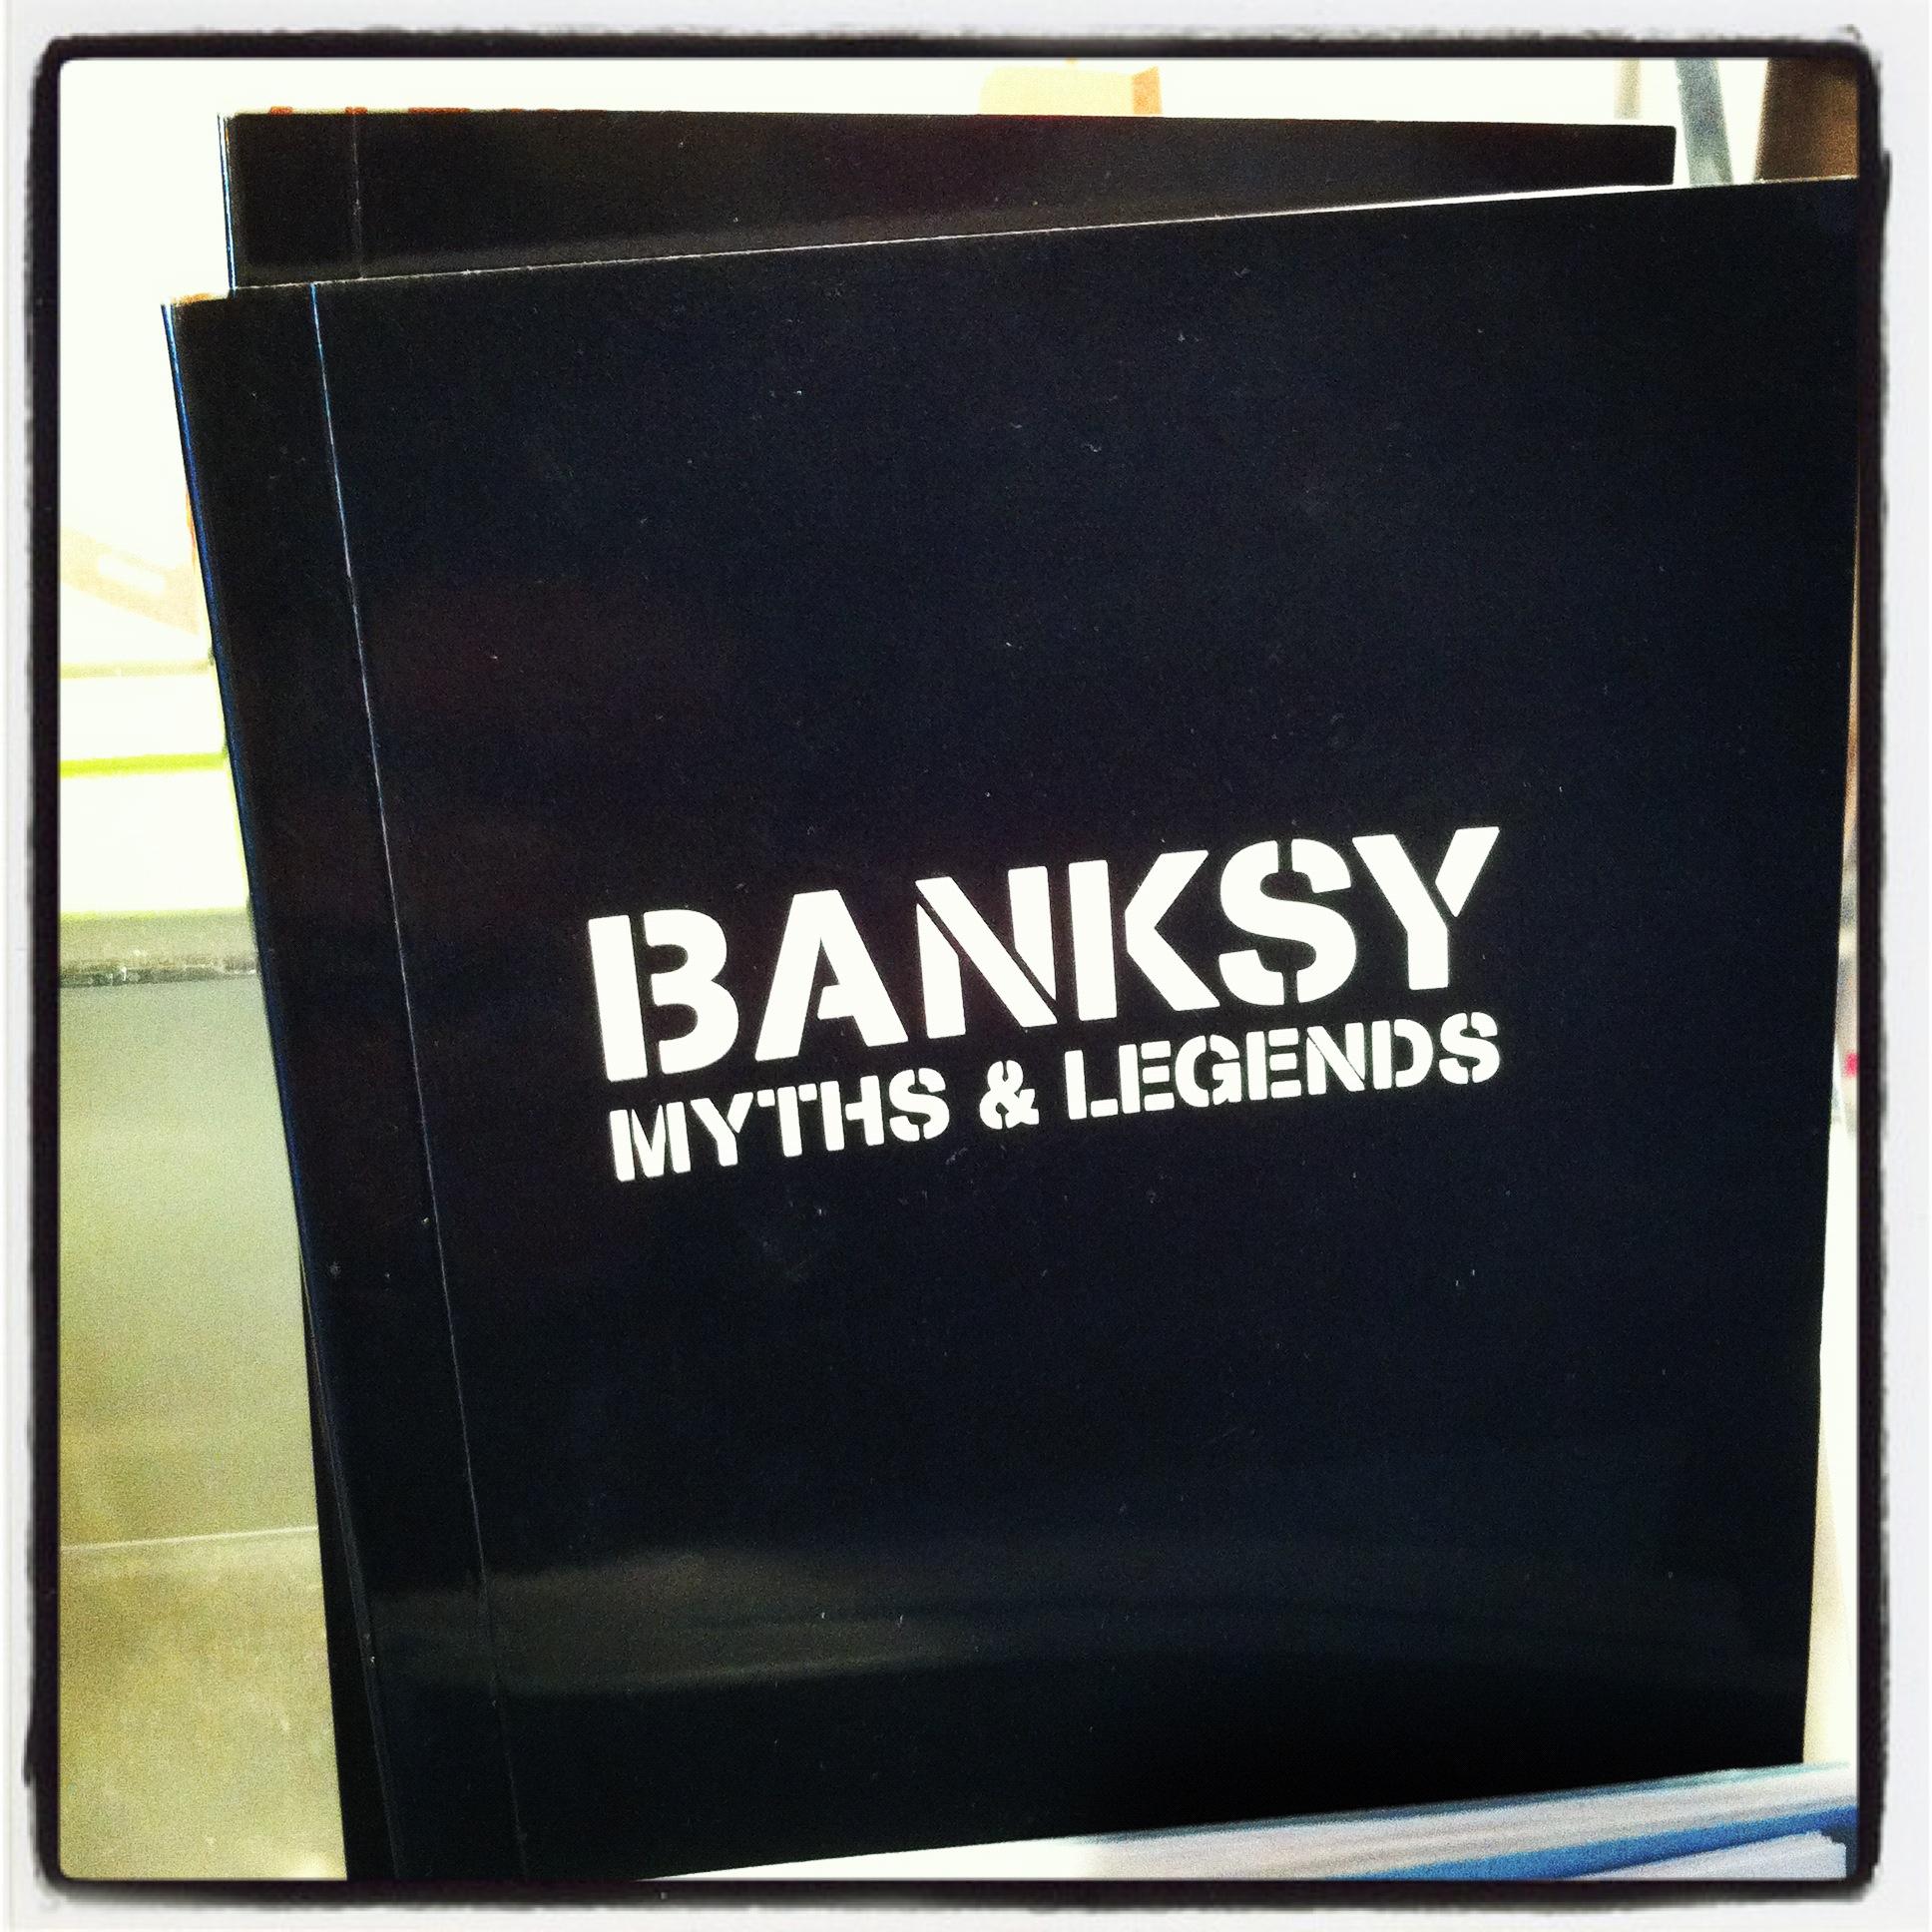 SF_Banksy.jpg